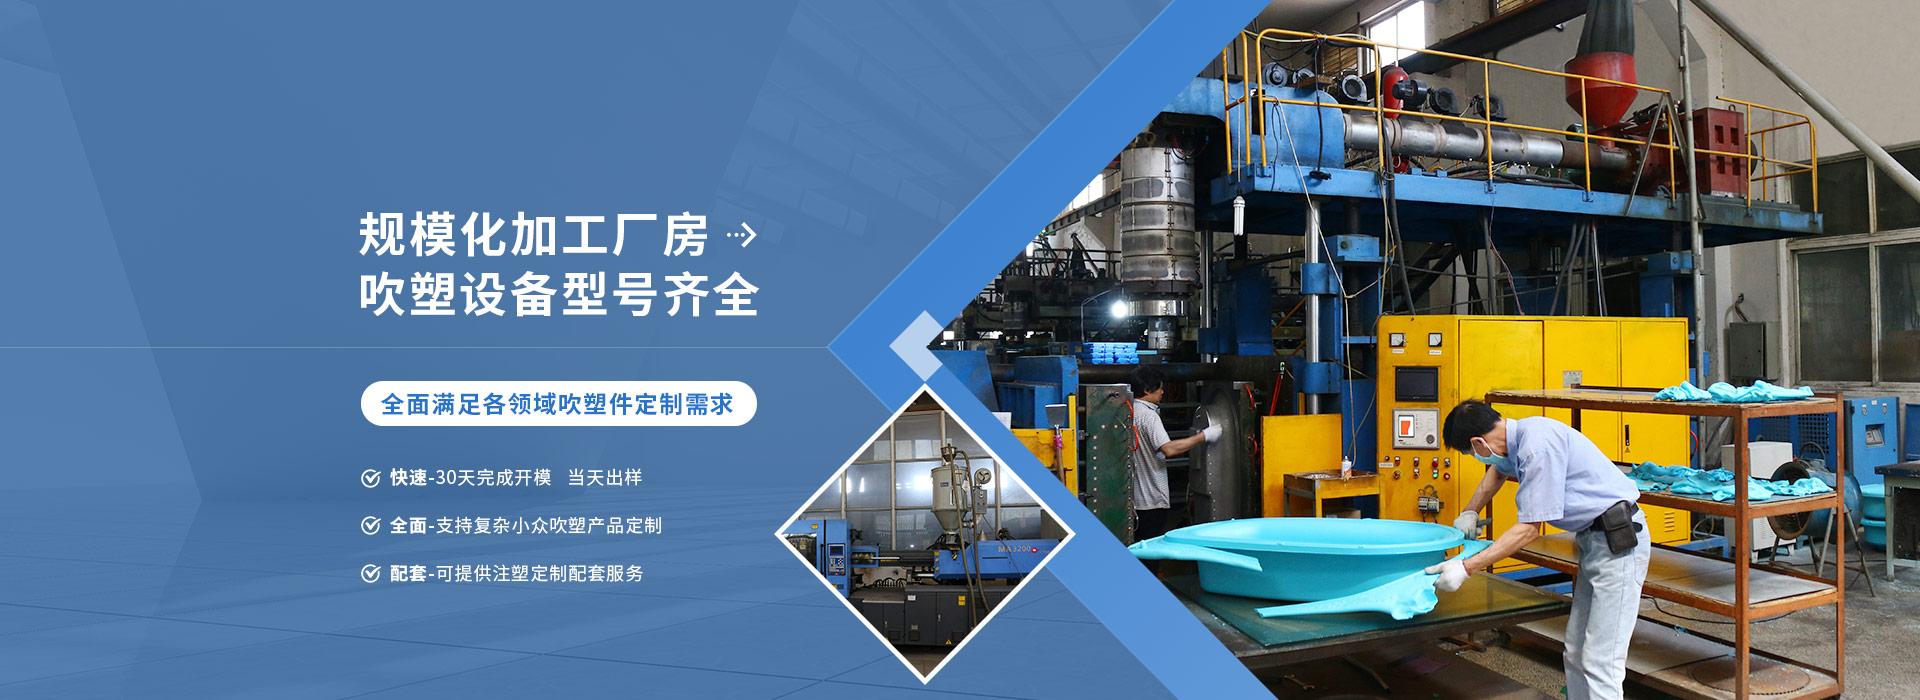 精通吹塑制品定制规模化加工厂房